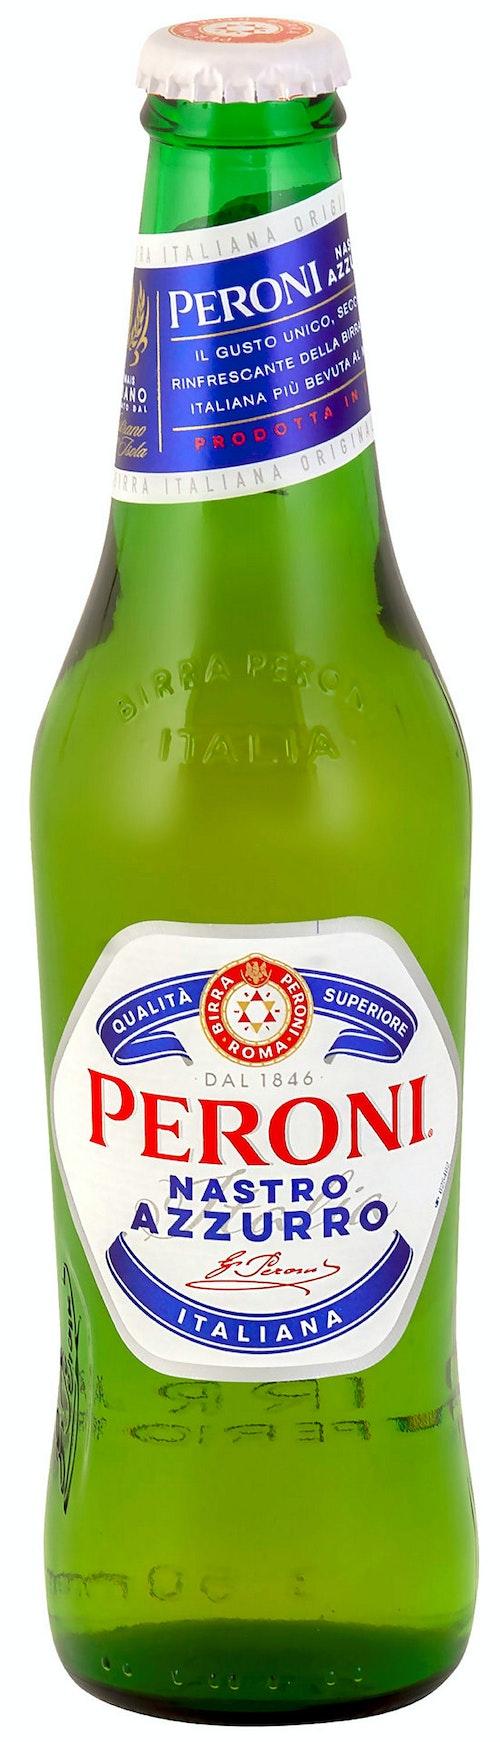 Peroni Nastro Azzurro 0,33 l